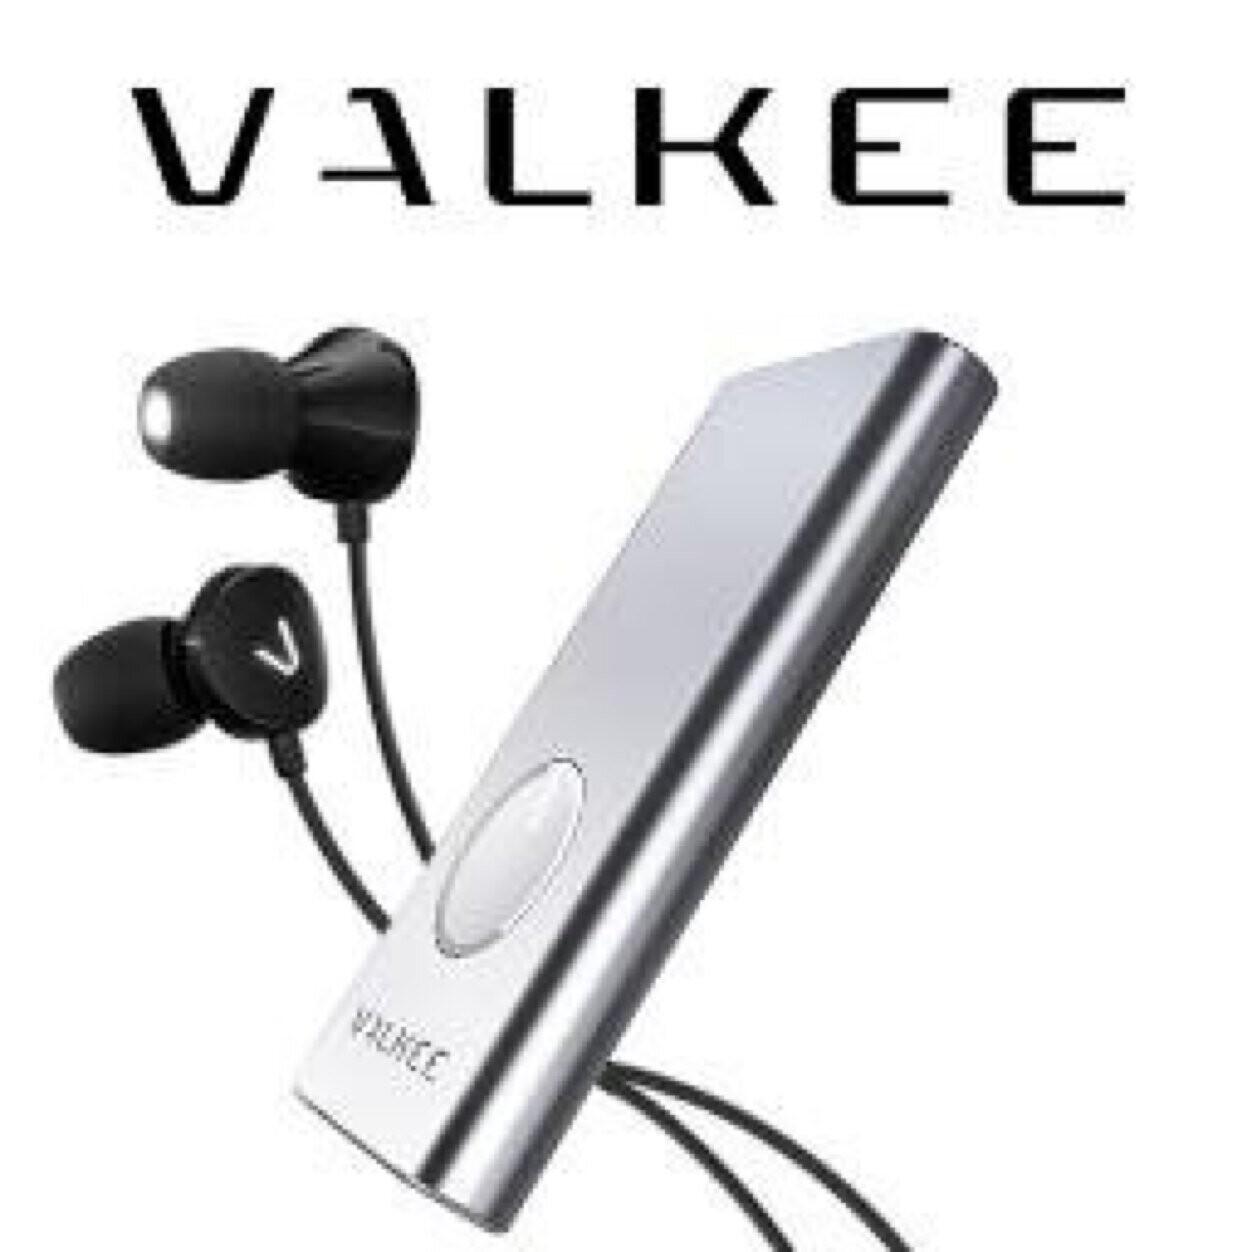 Valkee Company